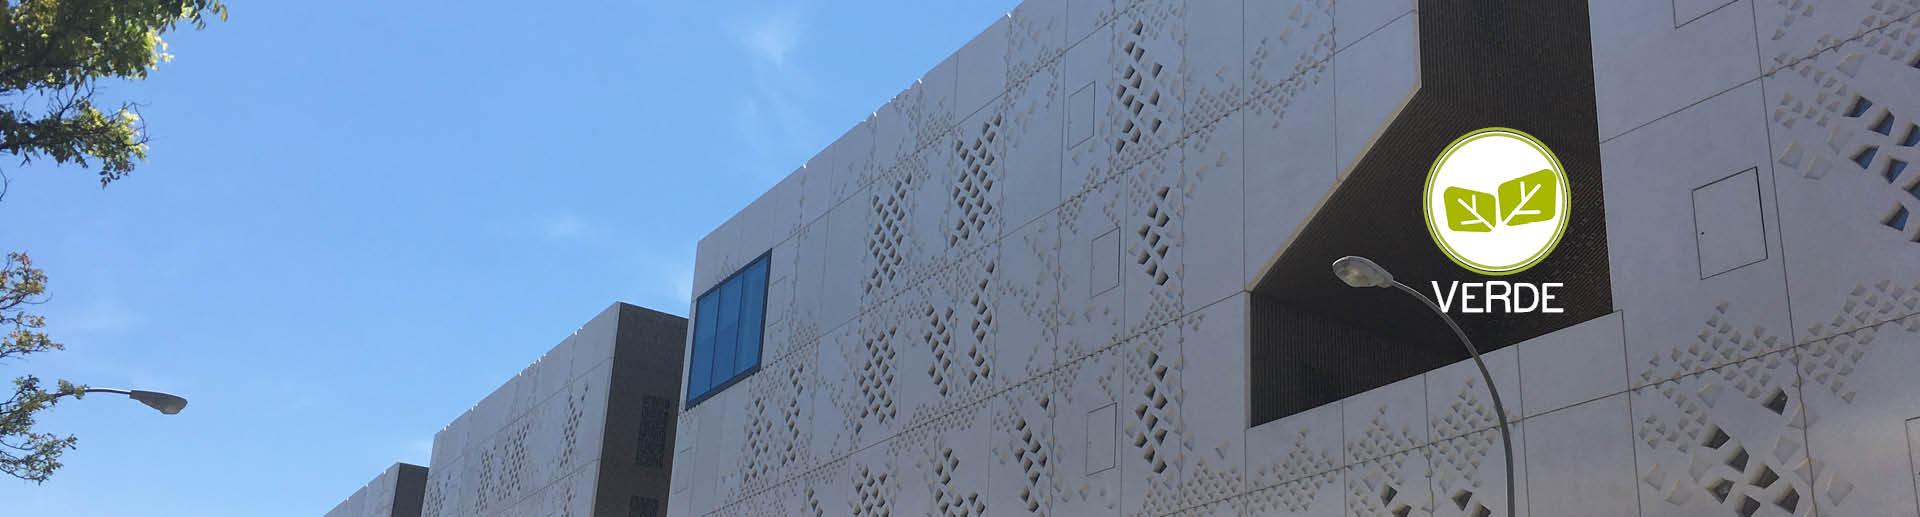 Nuevo edificio certificado VERDE: Ciudad de la Justicia de Córdoba